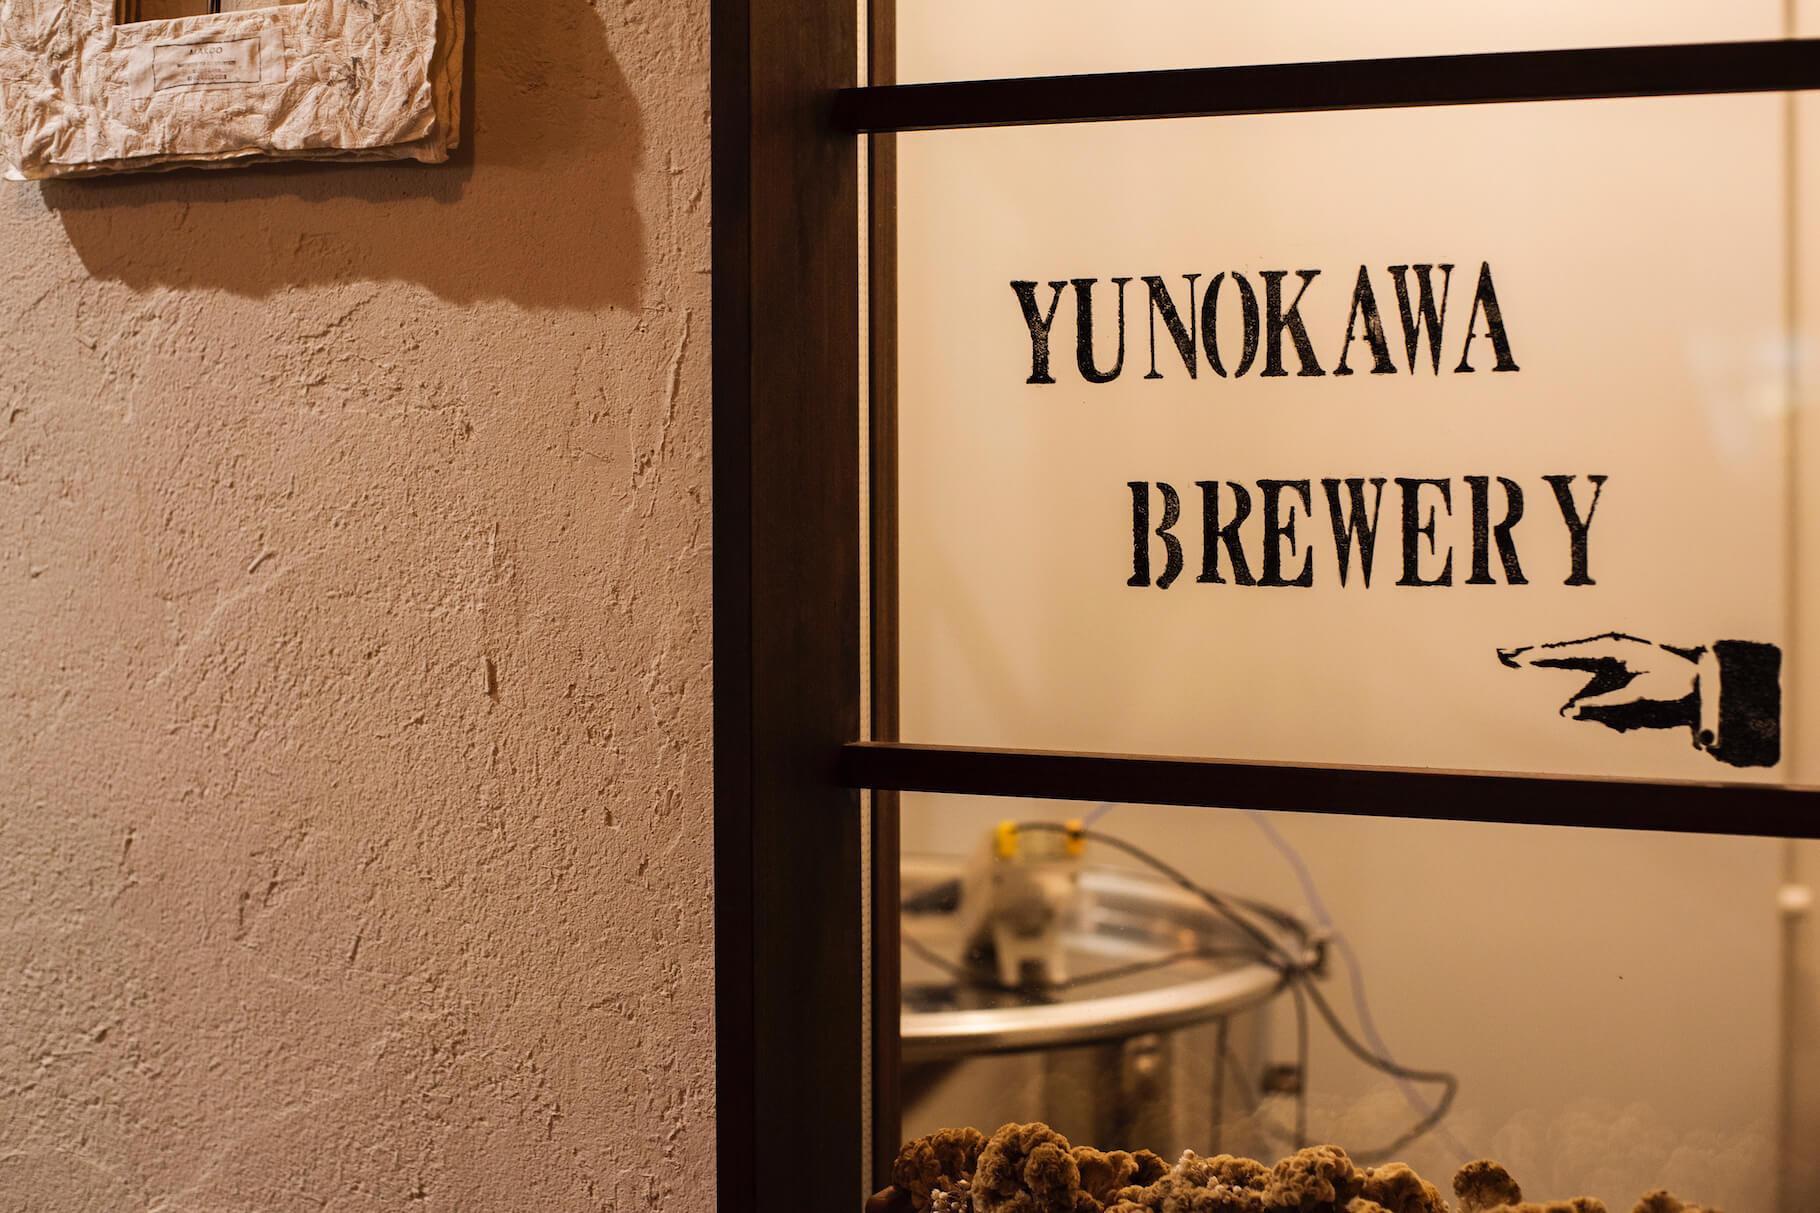 写真:店の中にある小さなブリュワリー(ビール工場)